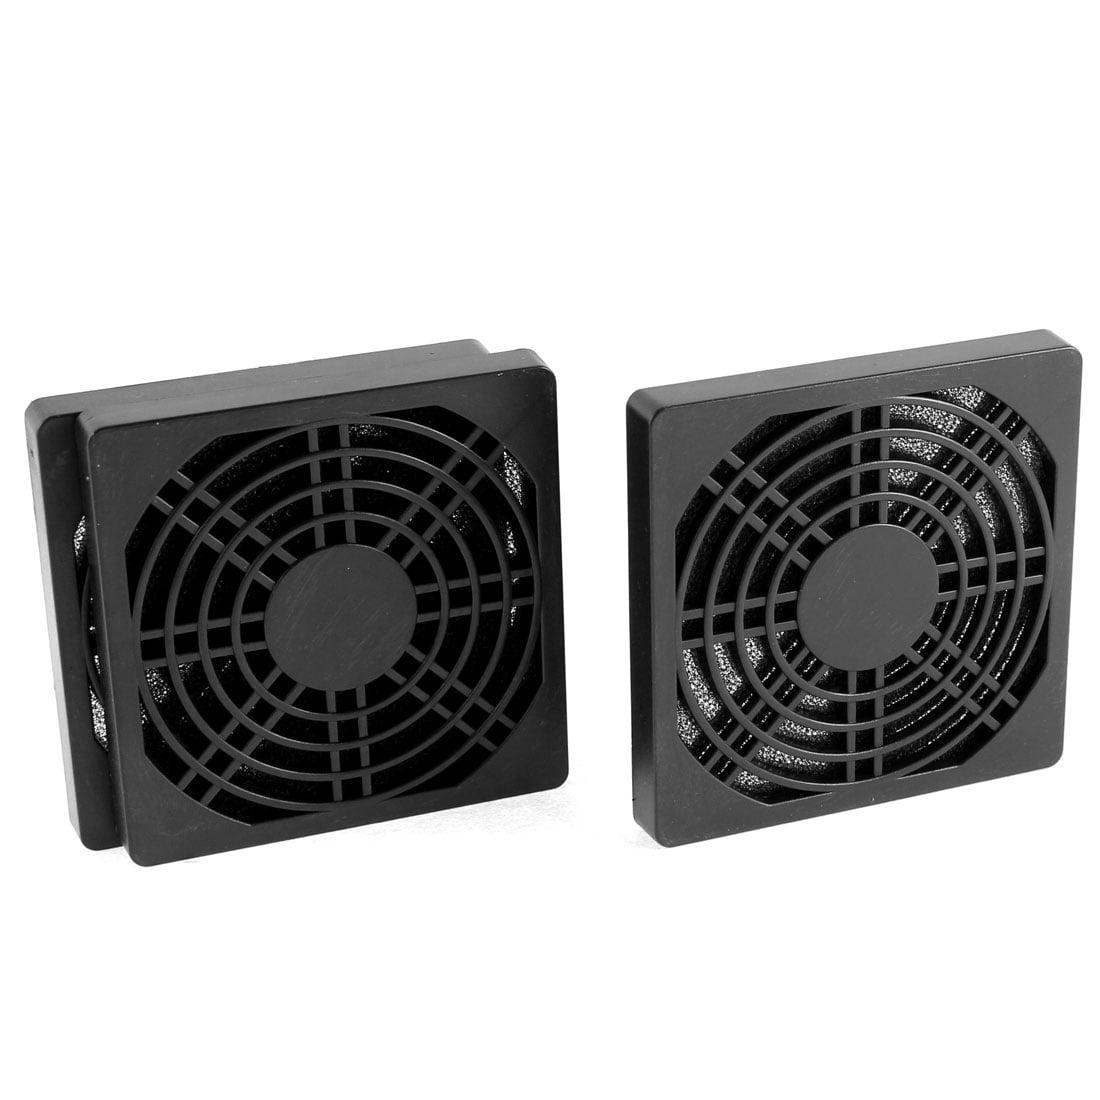 Unique Bargains 3Pcs 85 x 85 x 10mm Black Plastic Cooling Fan Dust Filter Shield for PC Desktop